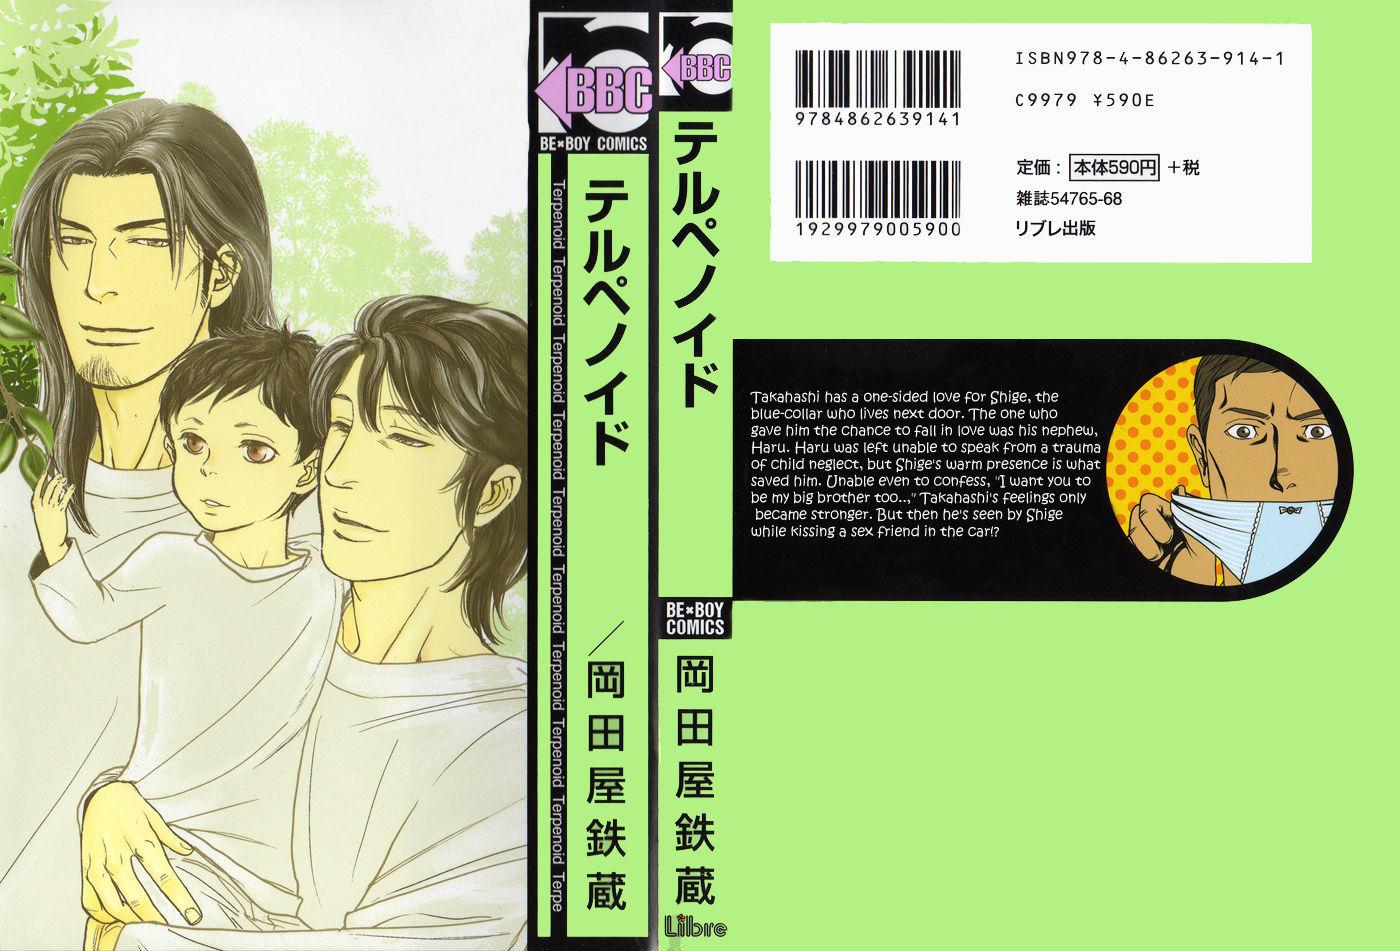 bara-manga-terpenoid.jpg